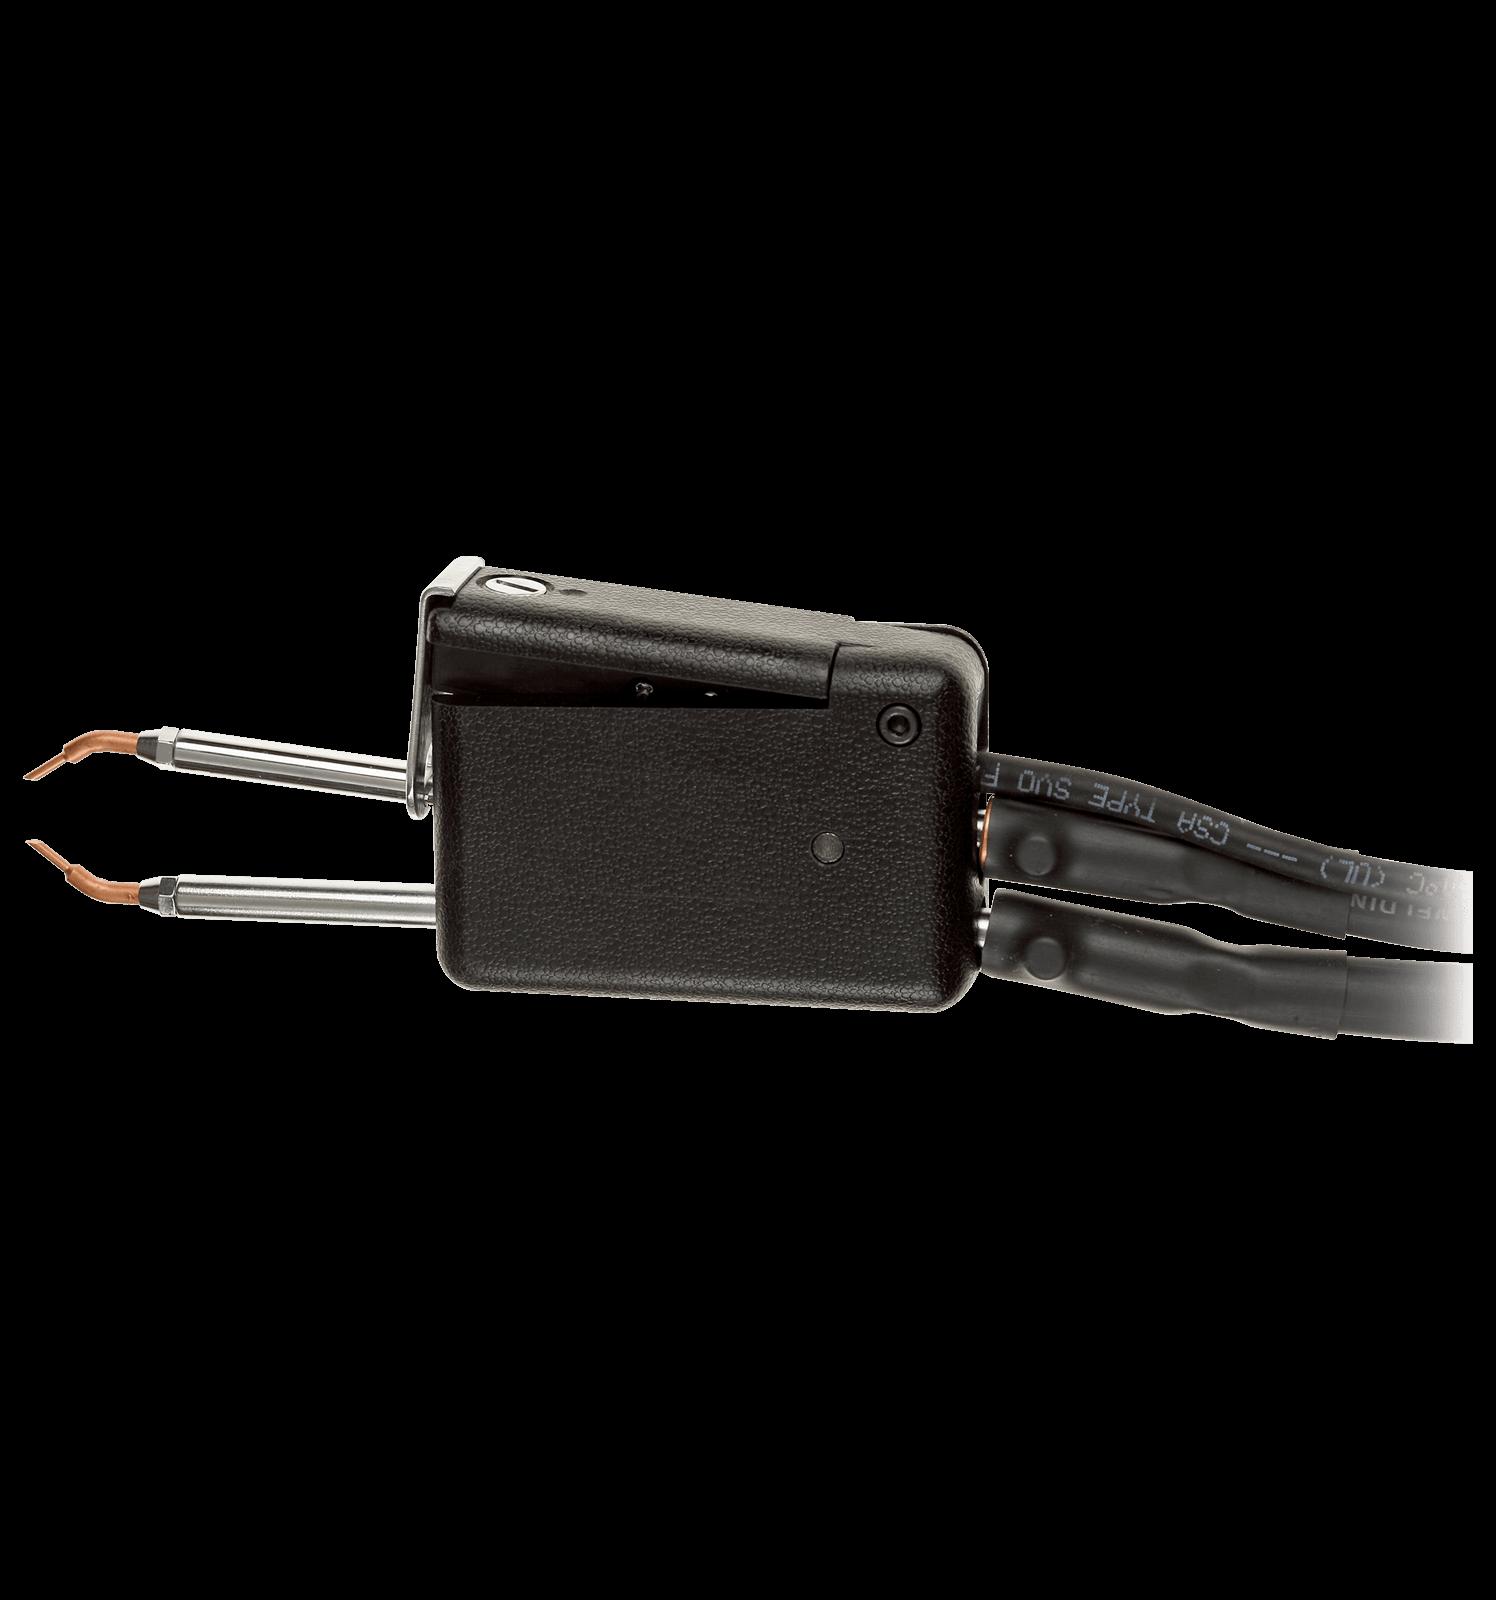 THP Tweezer Handpiece